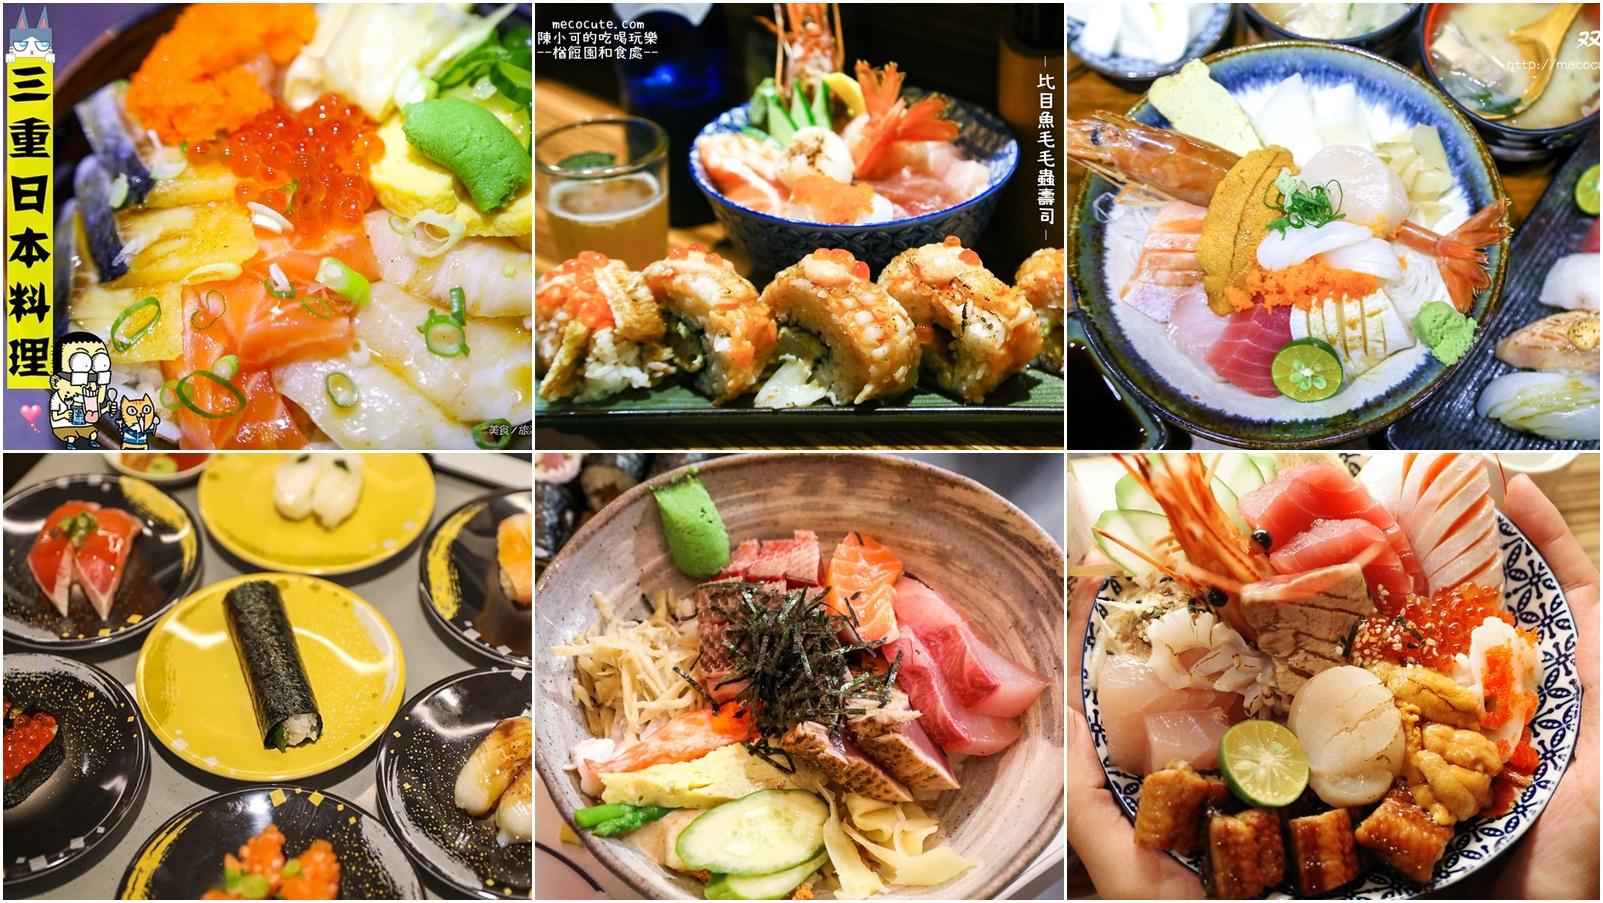 三重日本料理推薦:三重7間日式料理懶人包~丼飯、生魚片都好喜歡!